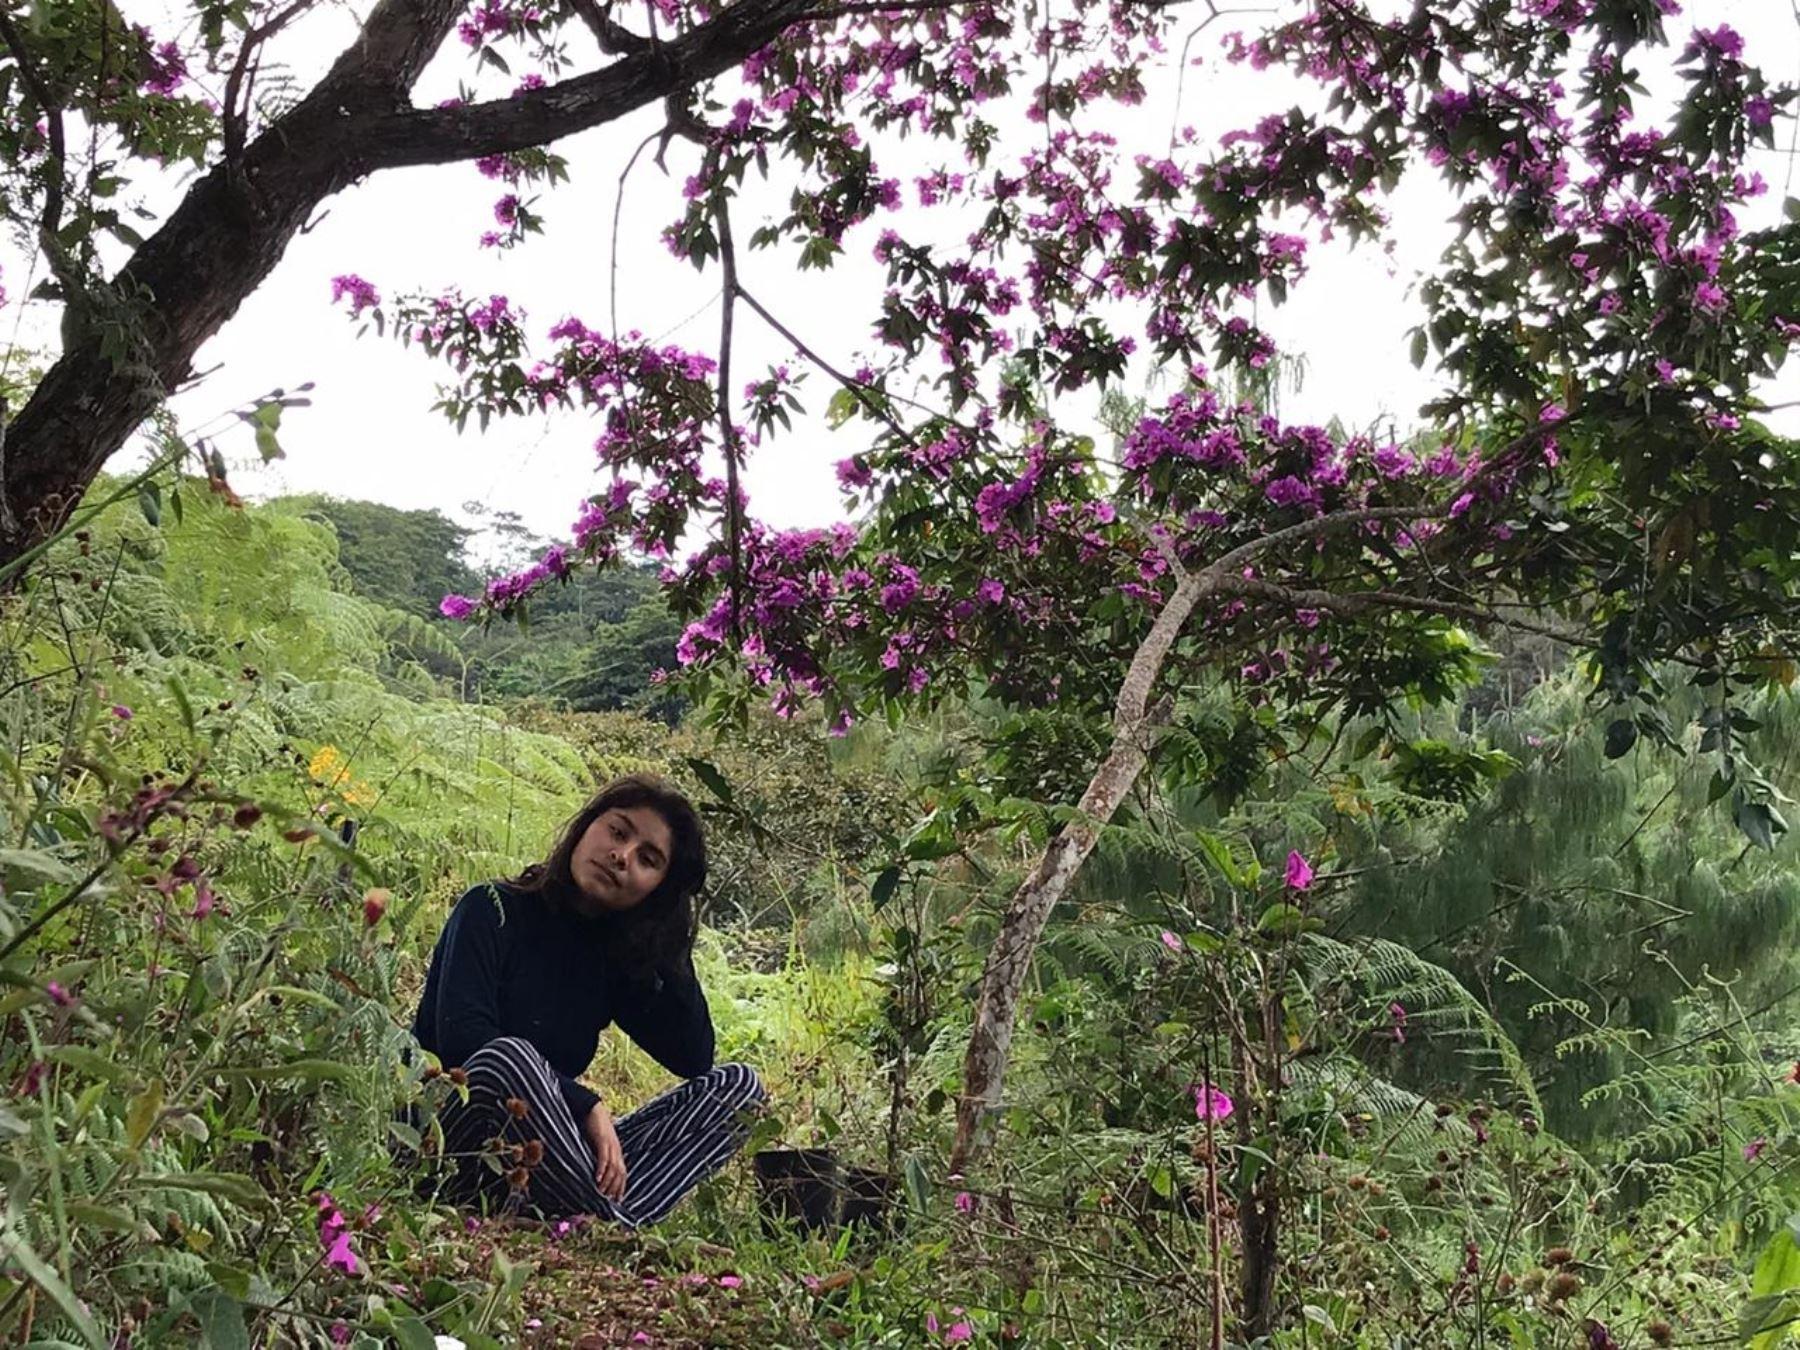 Conoce a Gardalia Quispe Guillermo, la joven talento de Junín que busca evitar extinción de plantas medicinales con ayuda de mujeres de una comunidad andina. ANDINA/Difusión